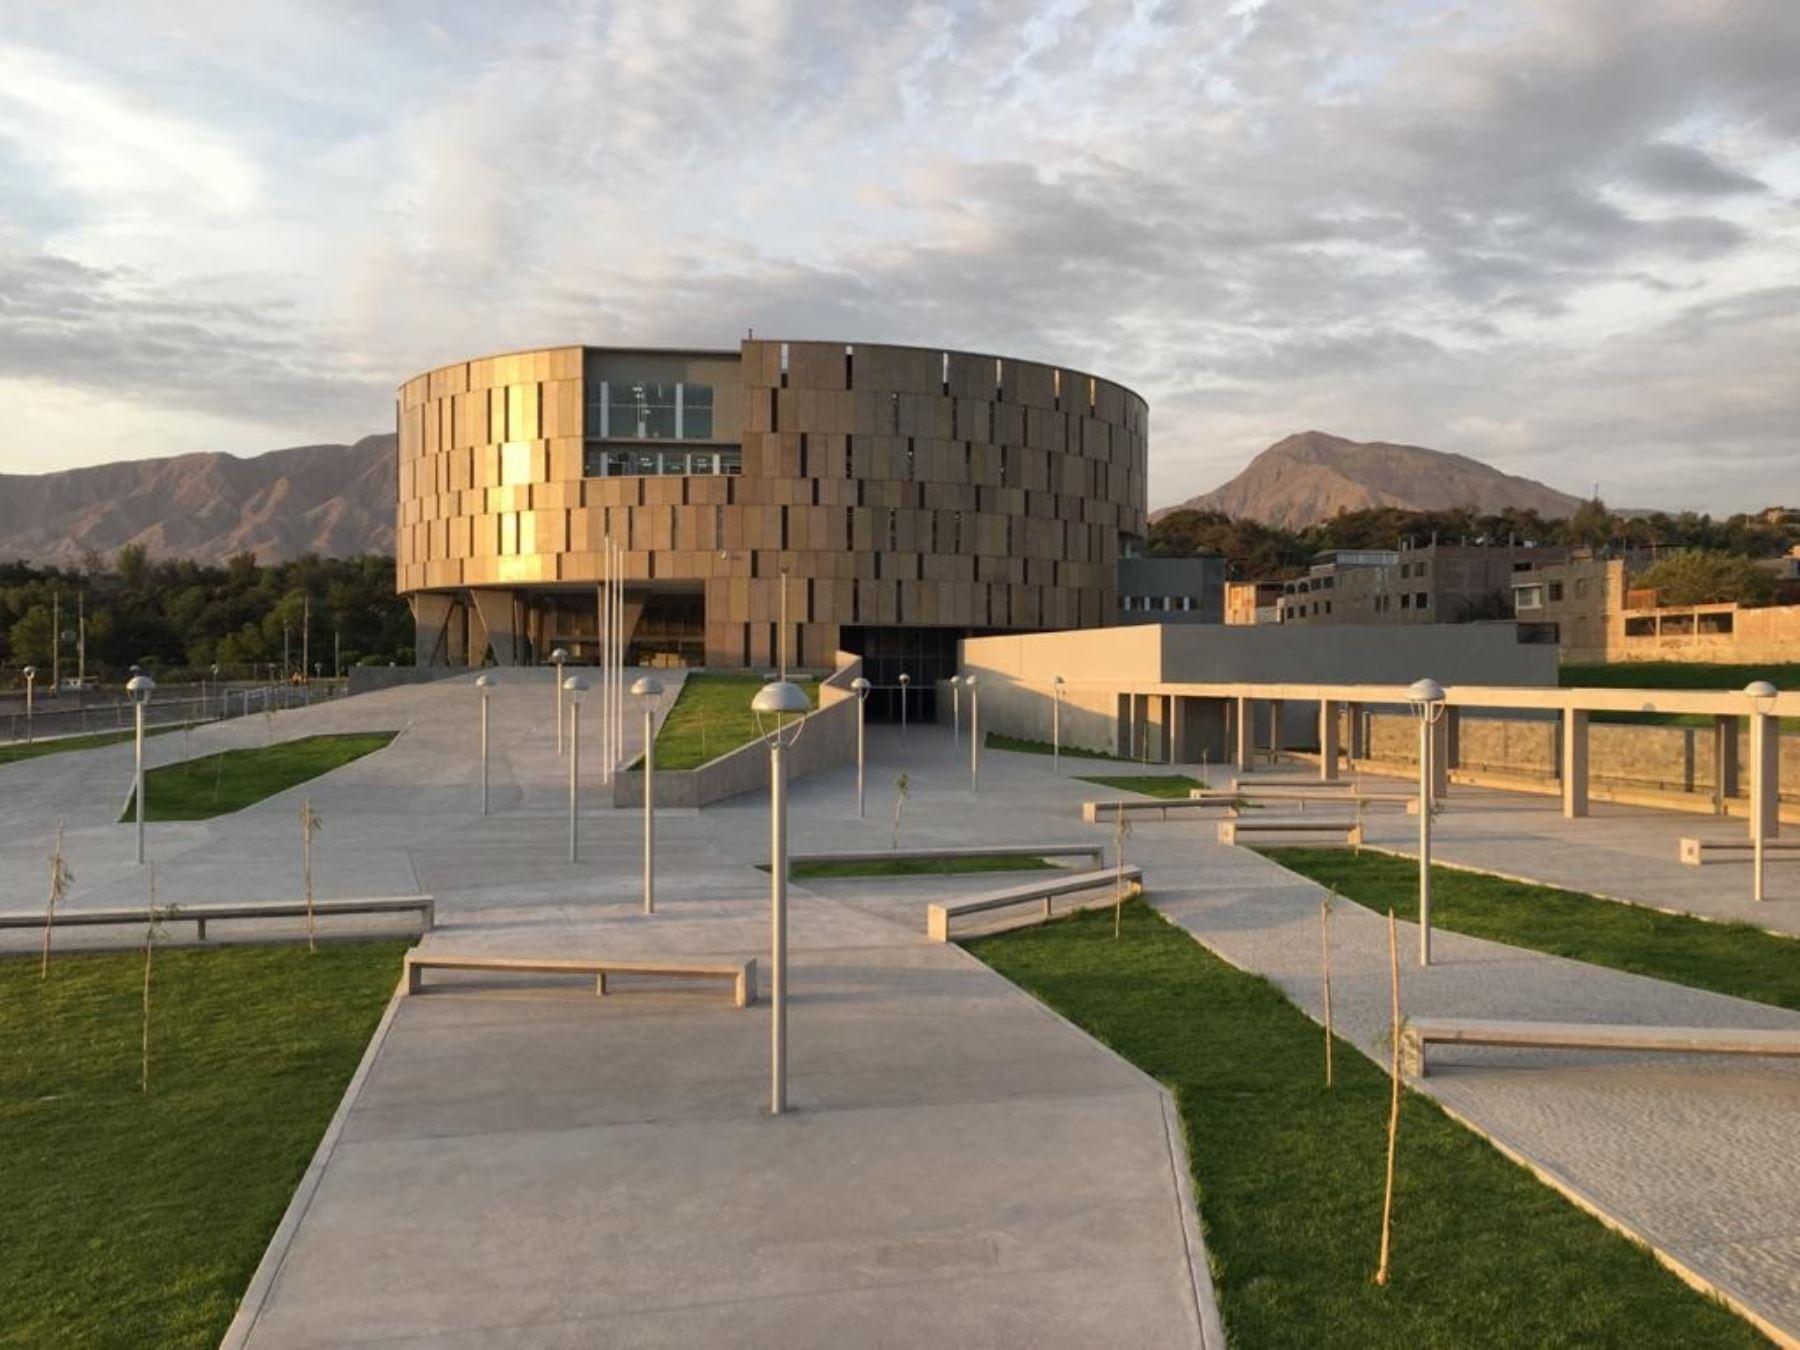 Nueva sede del Gobierno Regional de Moquegua gana premio de arquitectura.